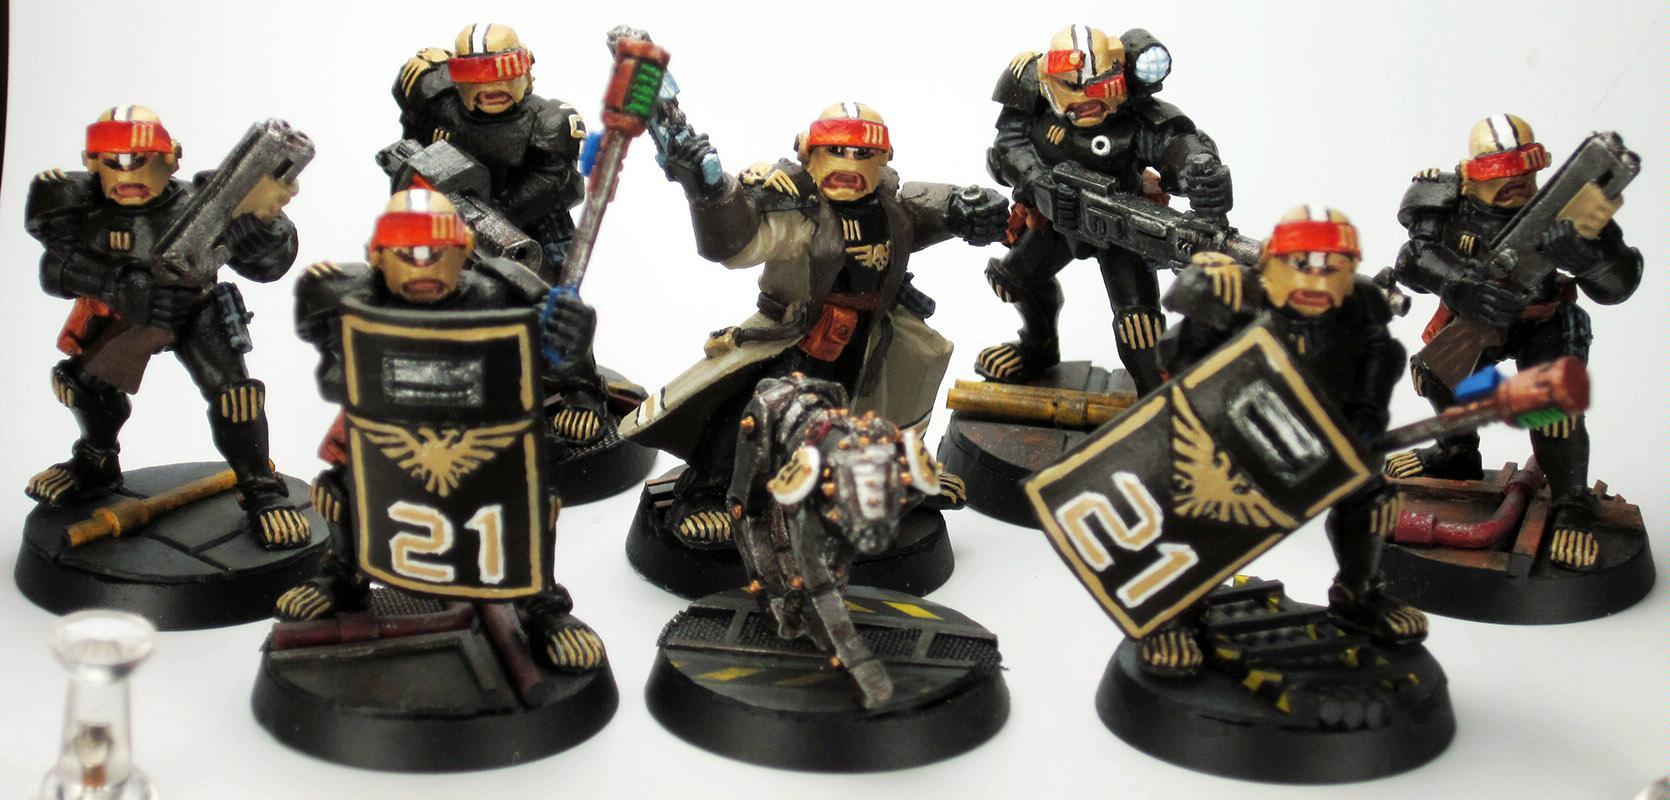 Adeptus Arbites, Enforcer, Games Workshop, Gang, Necromunda